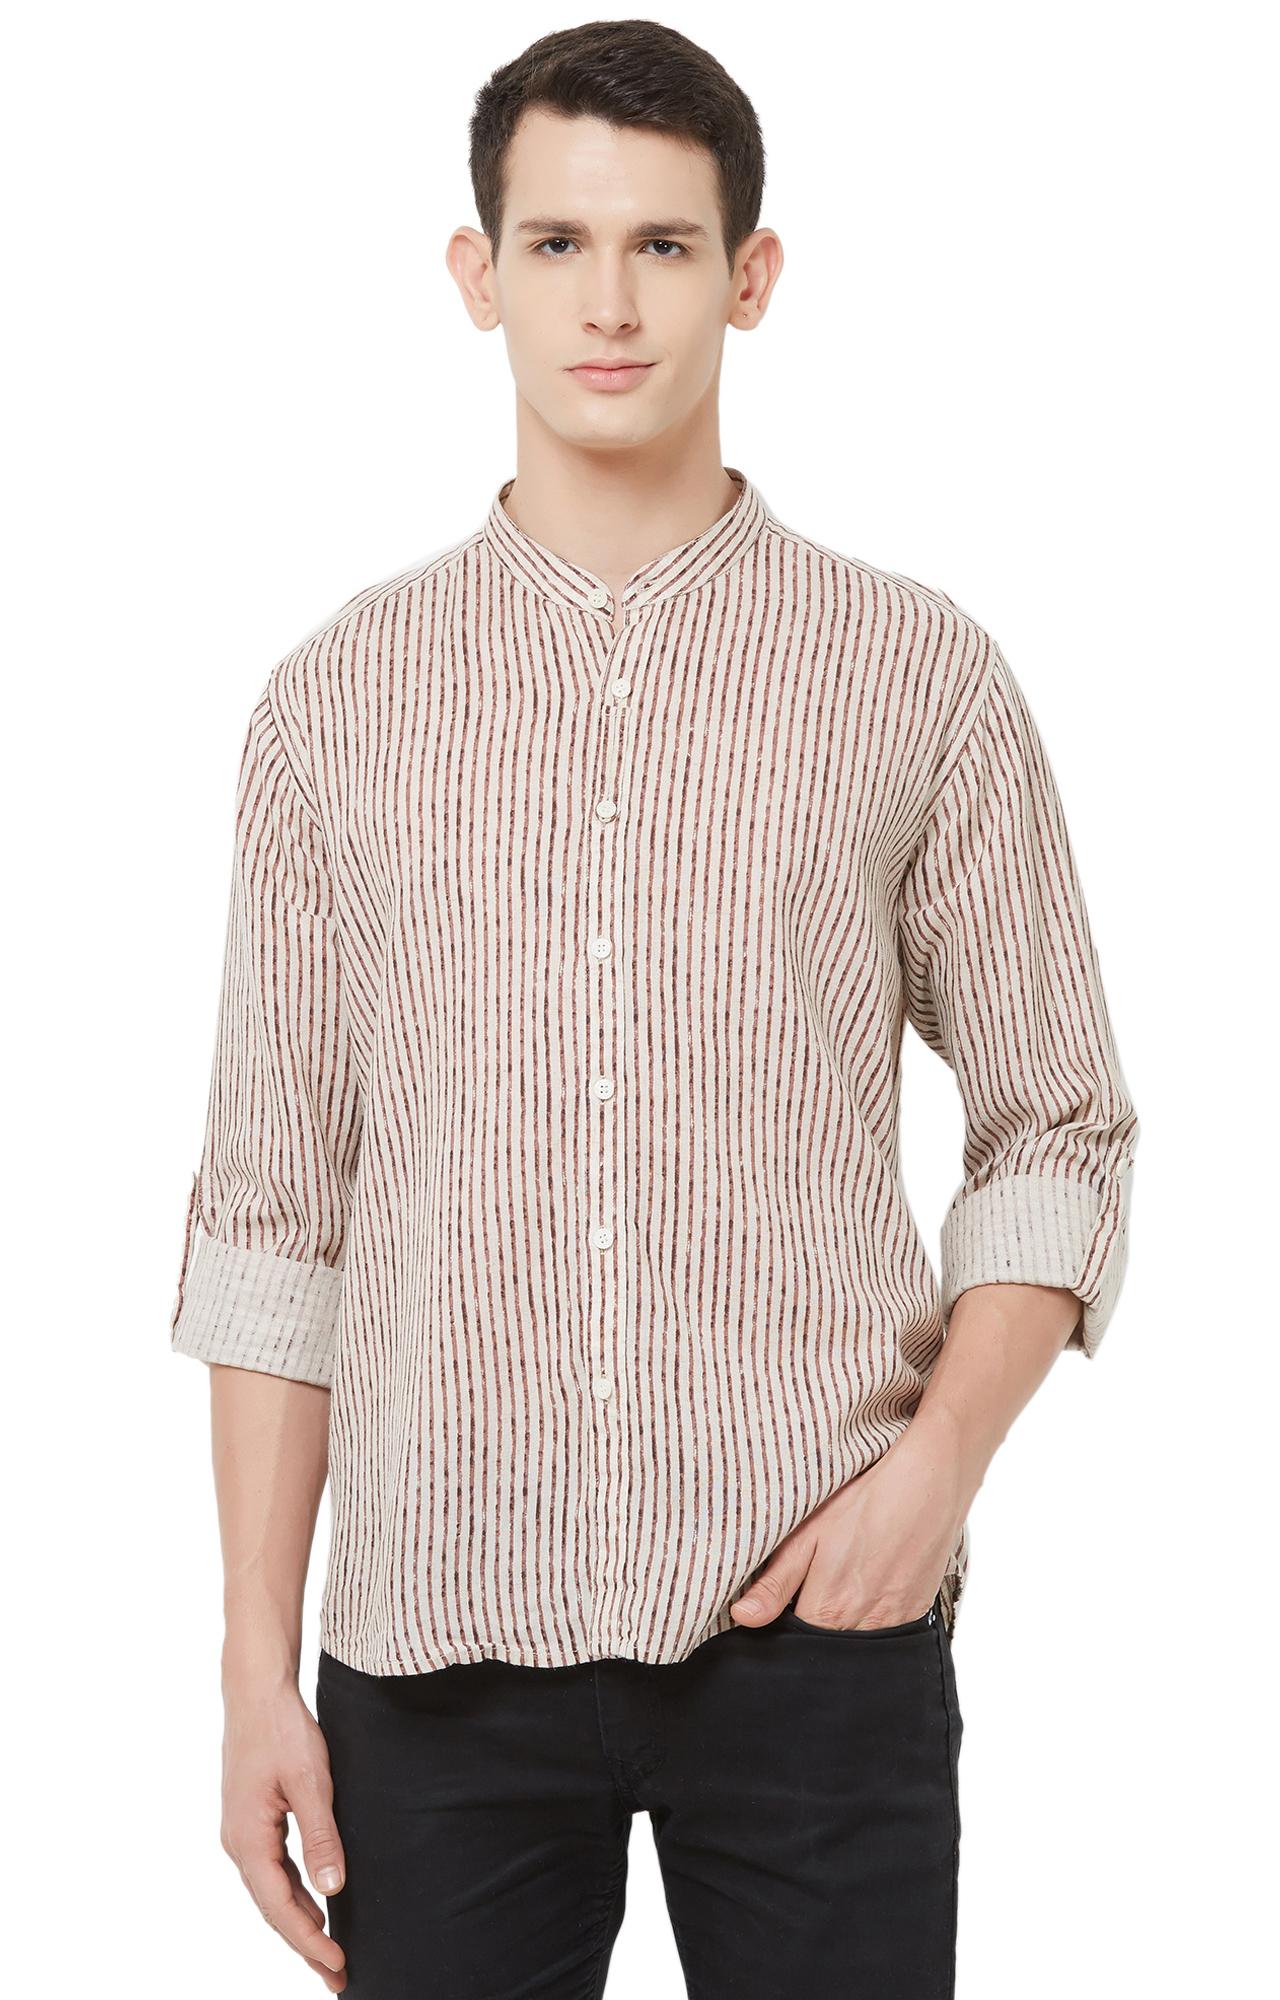 EVOQ | White Striped Linen Casual Shirt